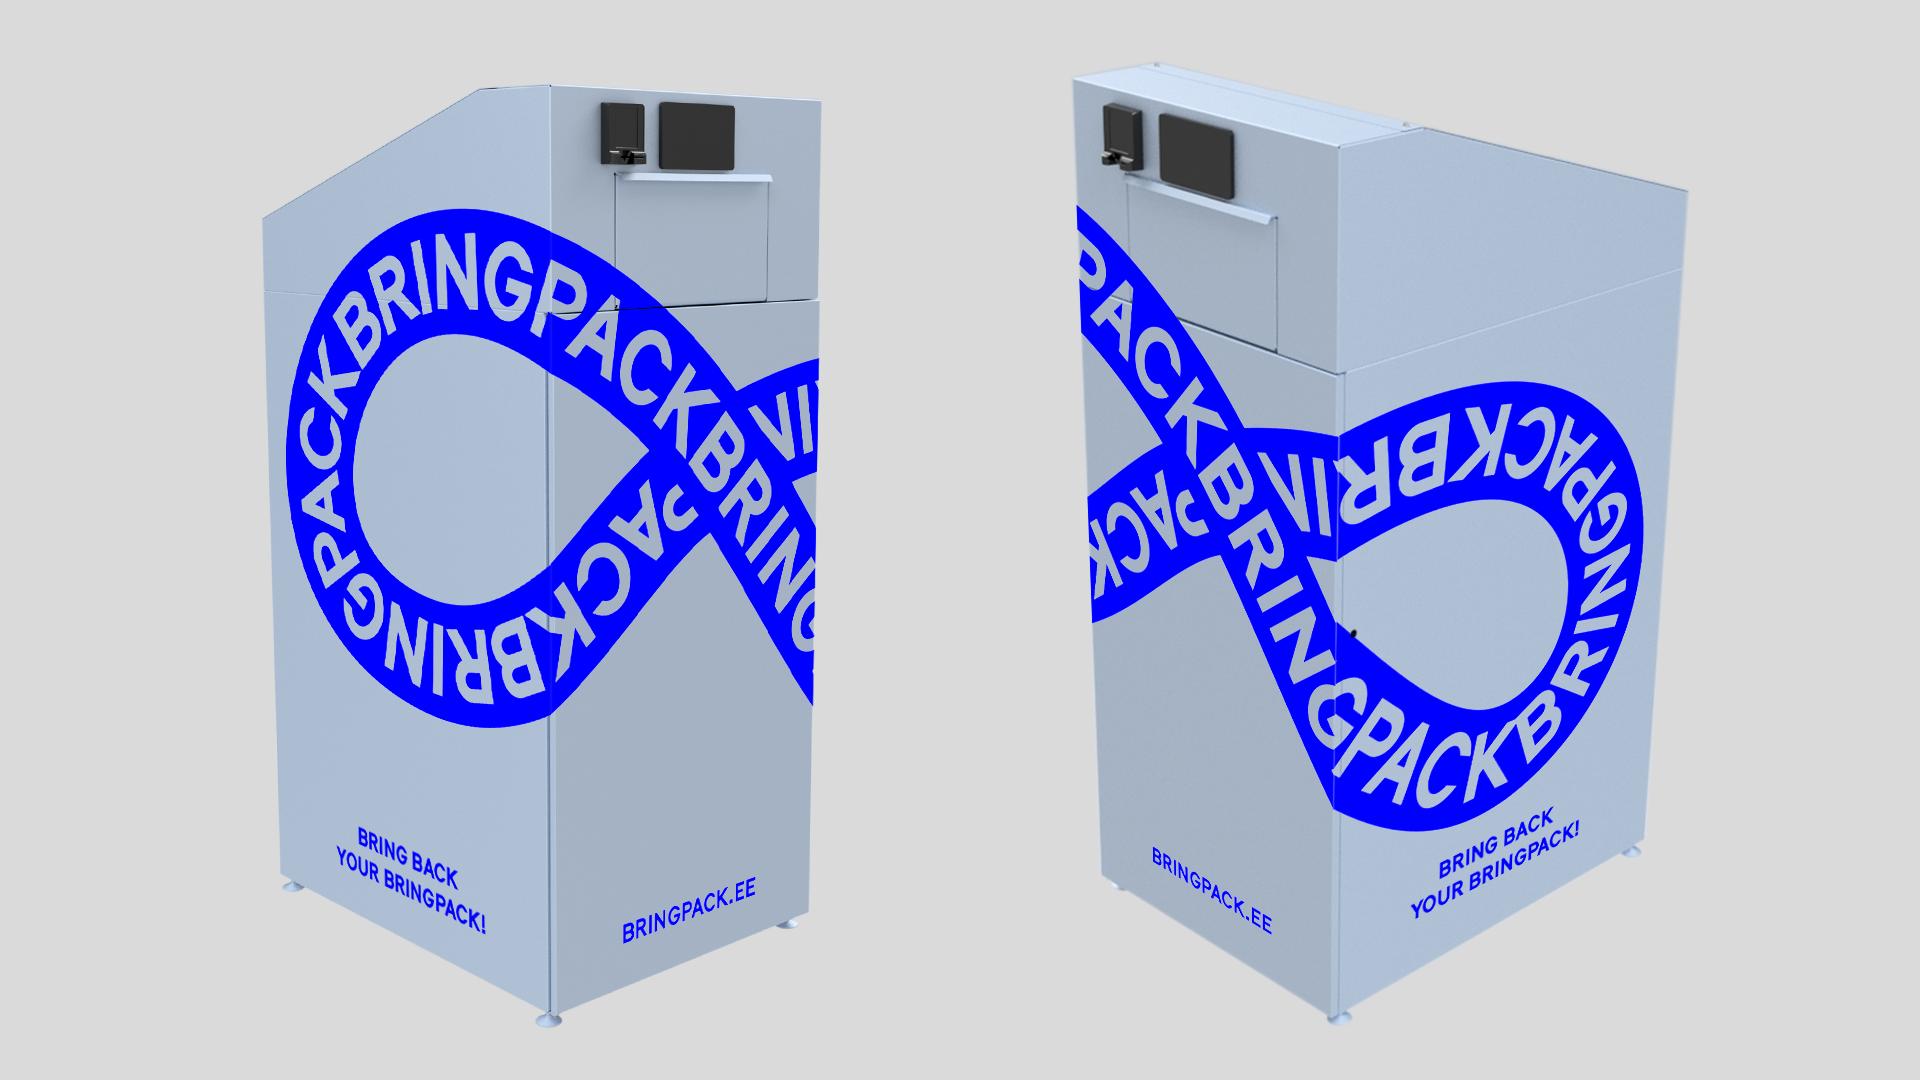 Eesti firma Bringpack toob turule uudse toidupakendite ringlussüsteemi